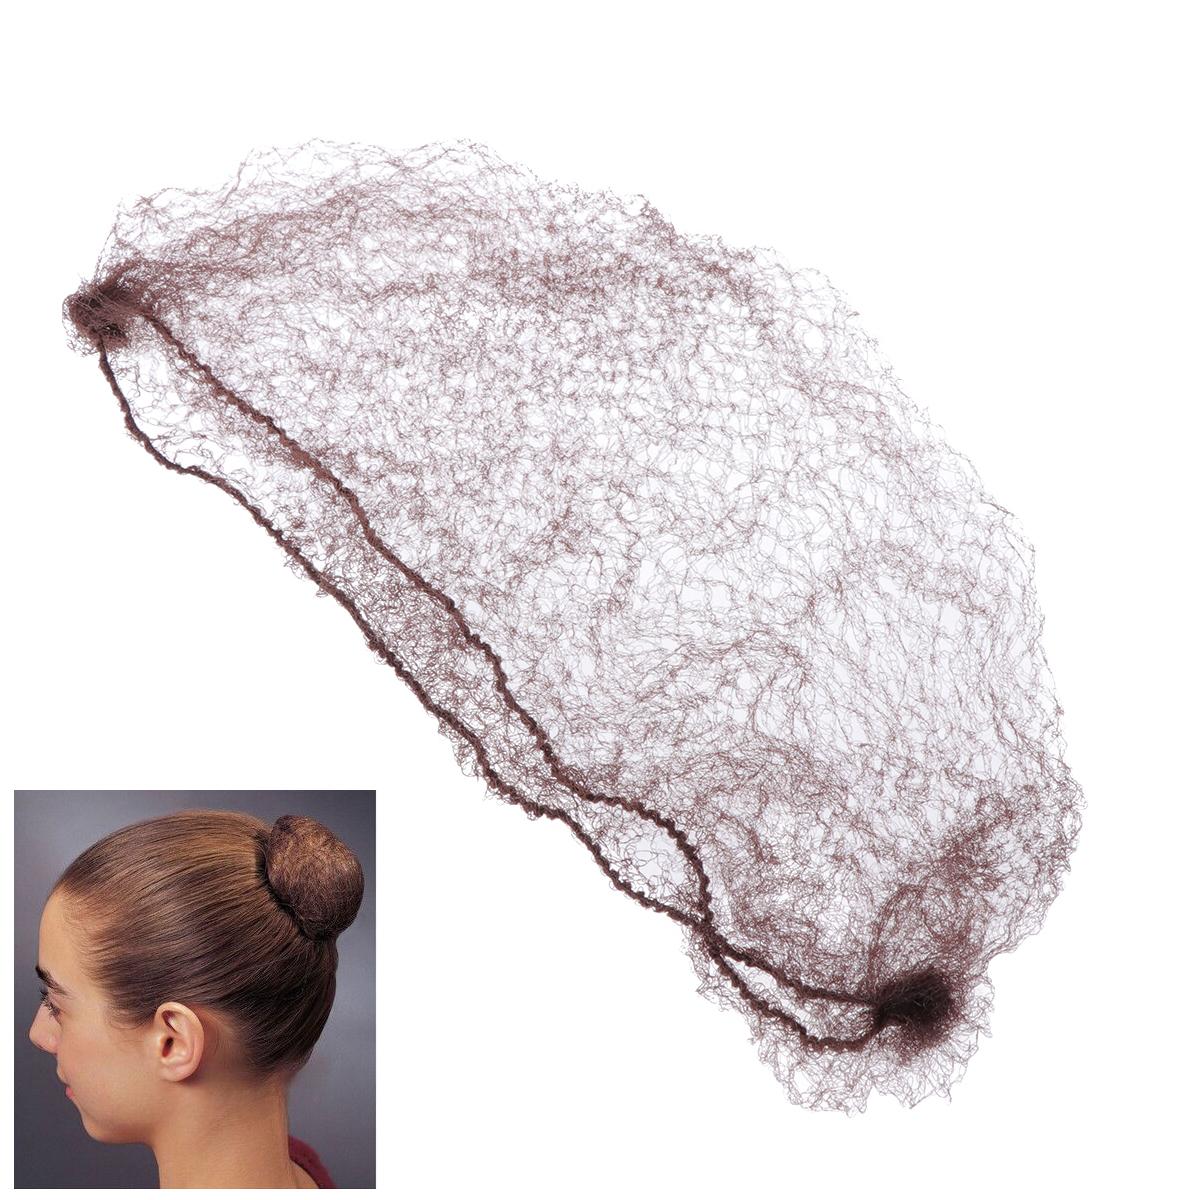 [해외]50pcs 머리 넷 보이지 않는 탄성 가장자리 메쉬 머리띠 발레 롤빵 머리카락 그물 메쉬 댄스 스케이트 스너드 머리 그물 롤빵 커버/50pcs Hair Nets Invisible Elastic Edge Mesh Hairnet Ballet Bun Hair Nets